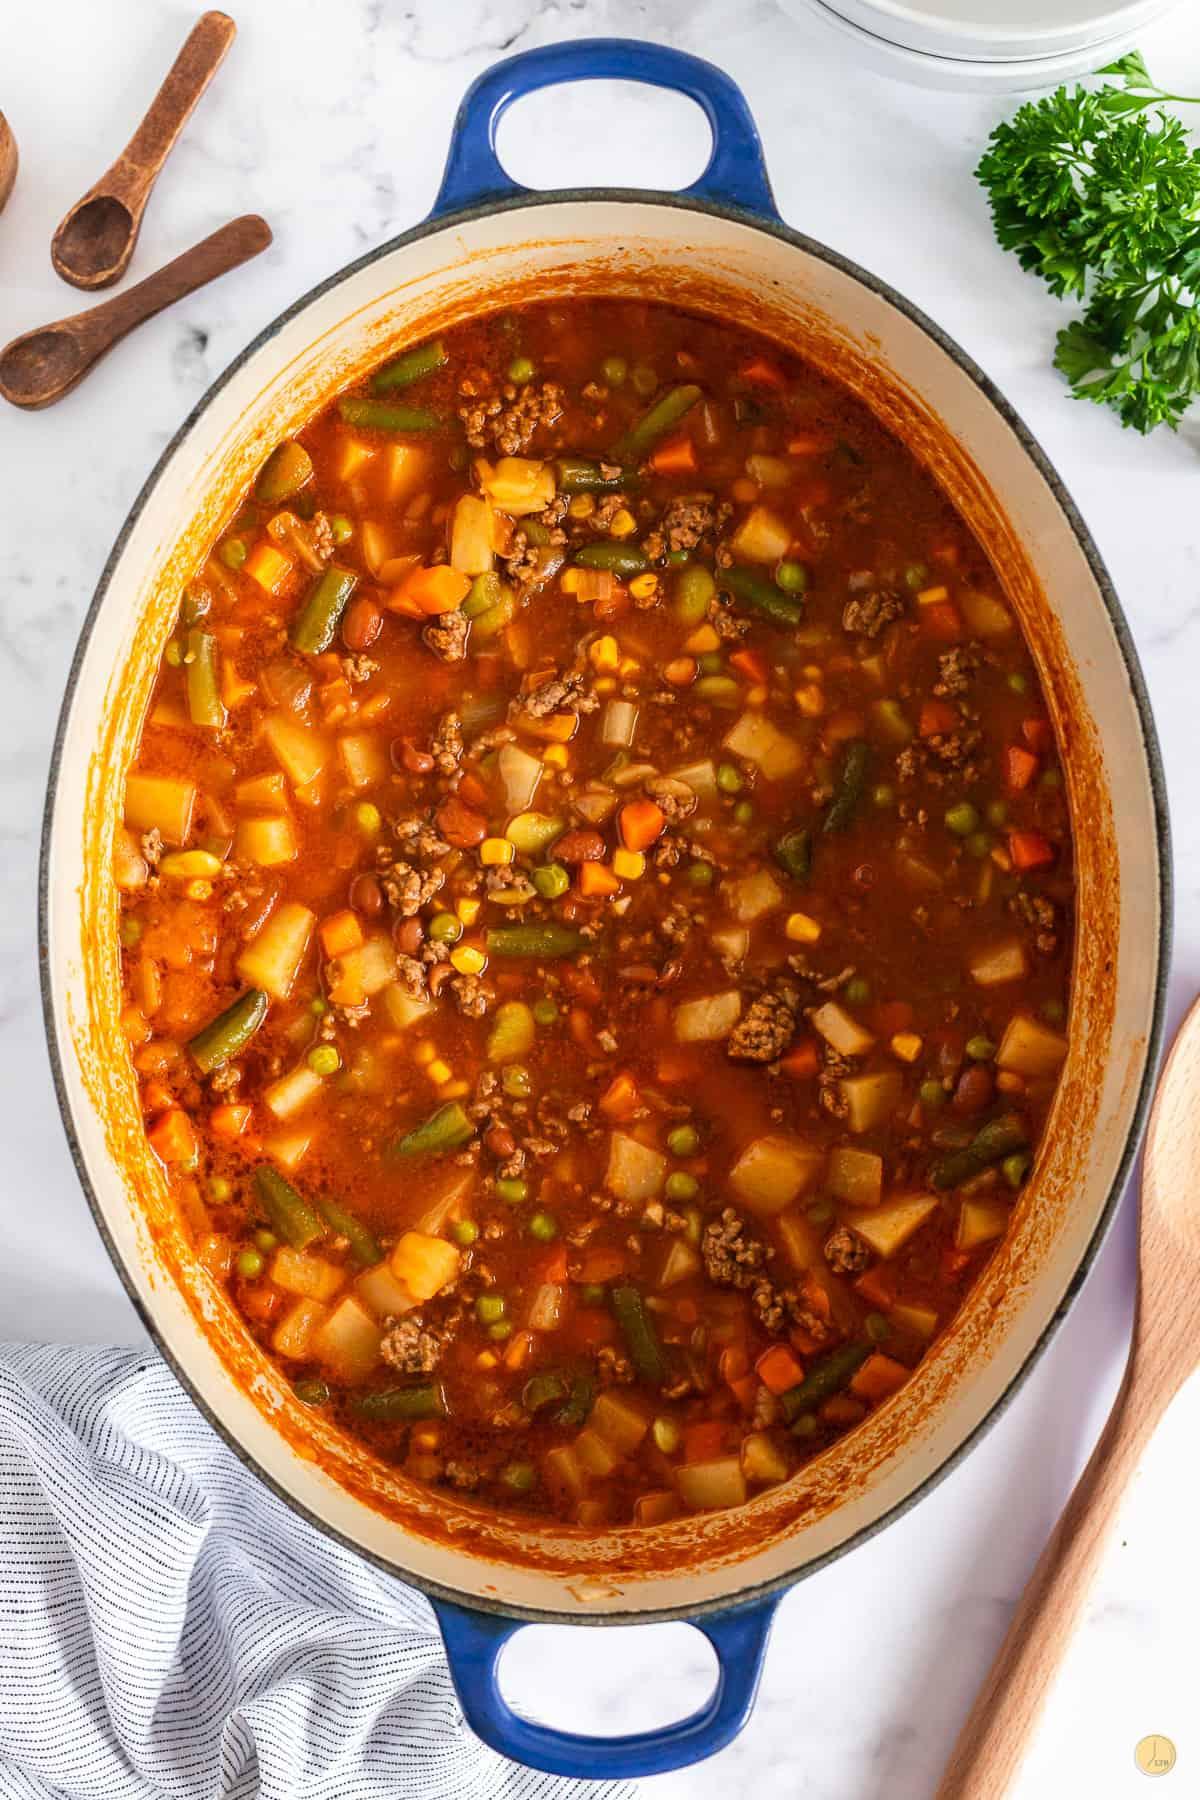 hobo soup in a pot